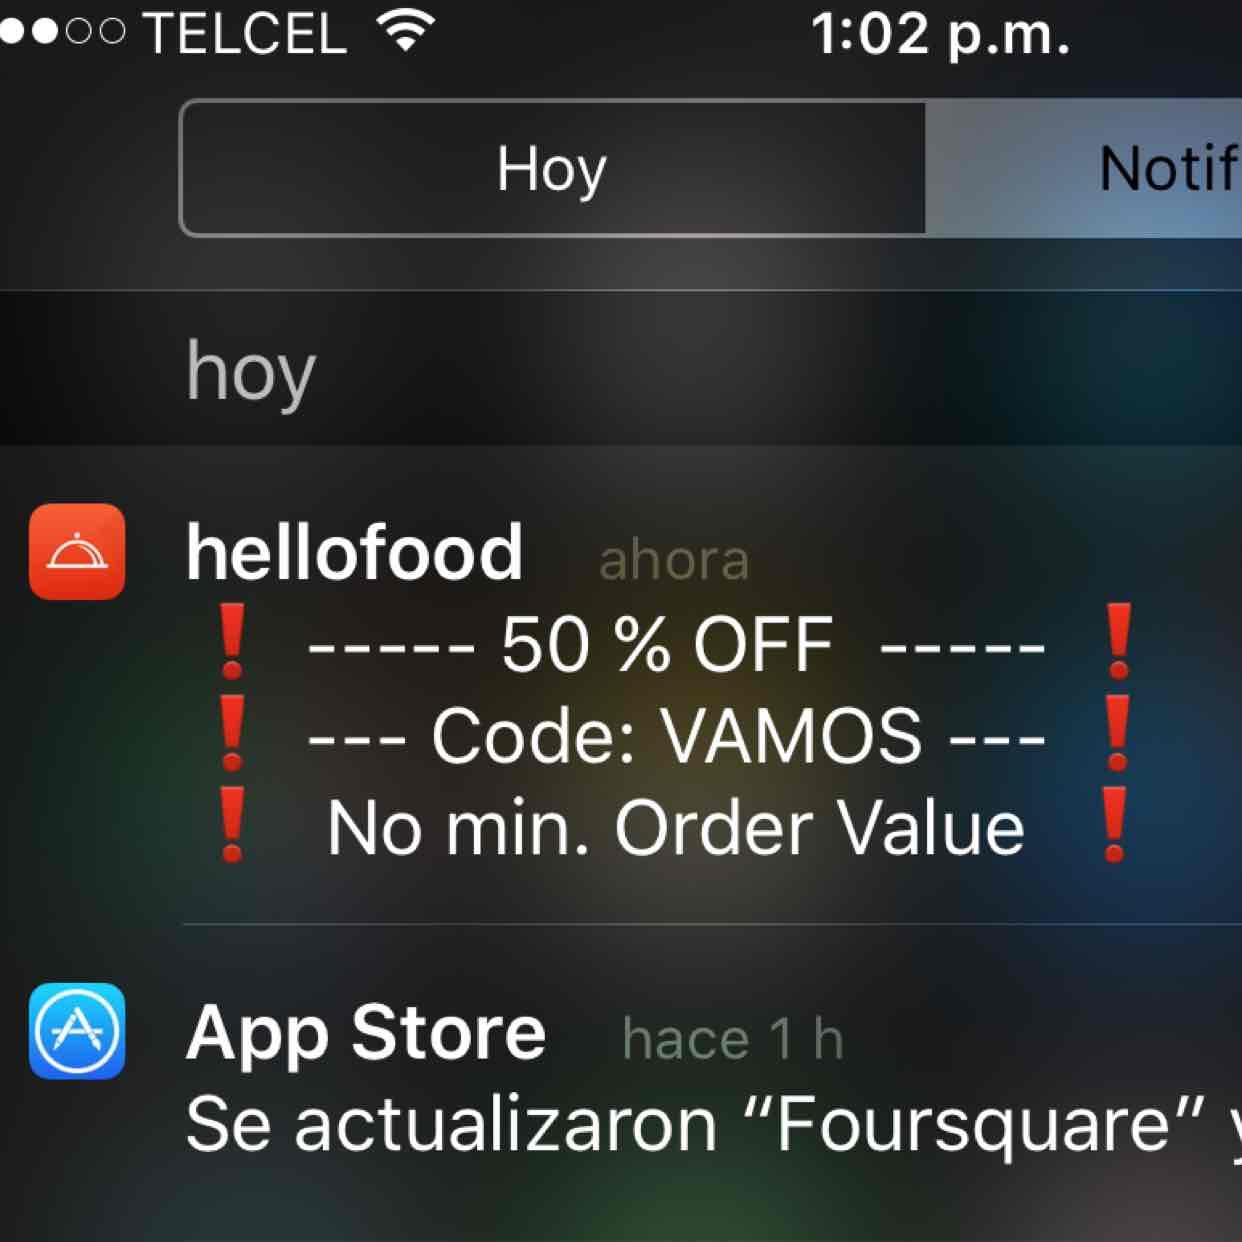 Hellofood 50% descuento codigo VAMOS sin minimo de orden